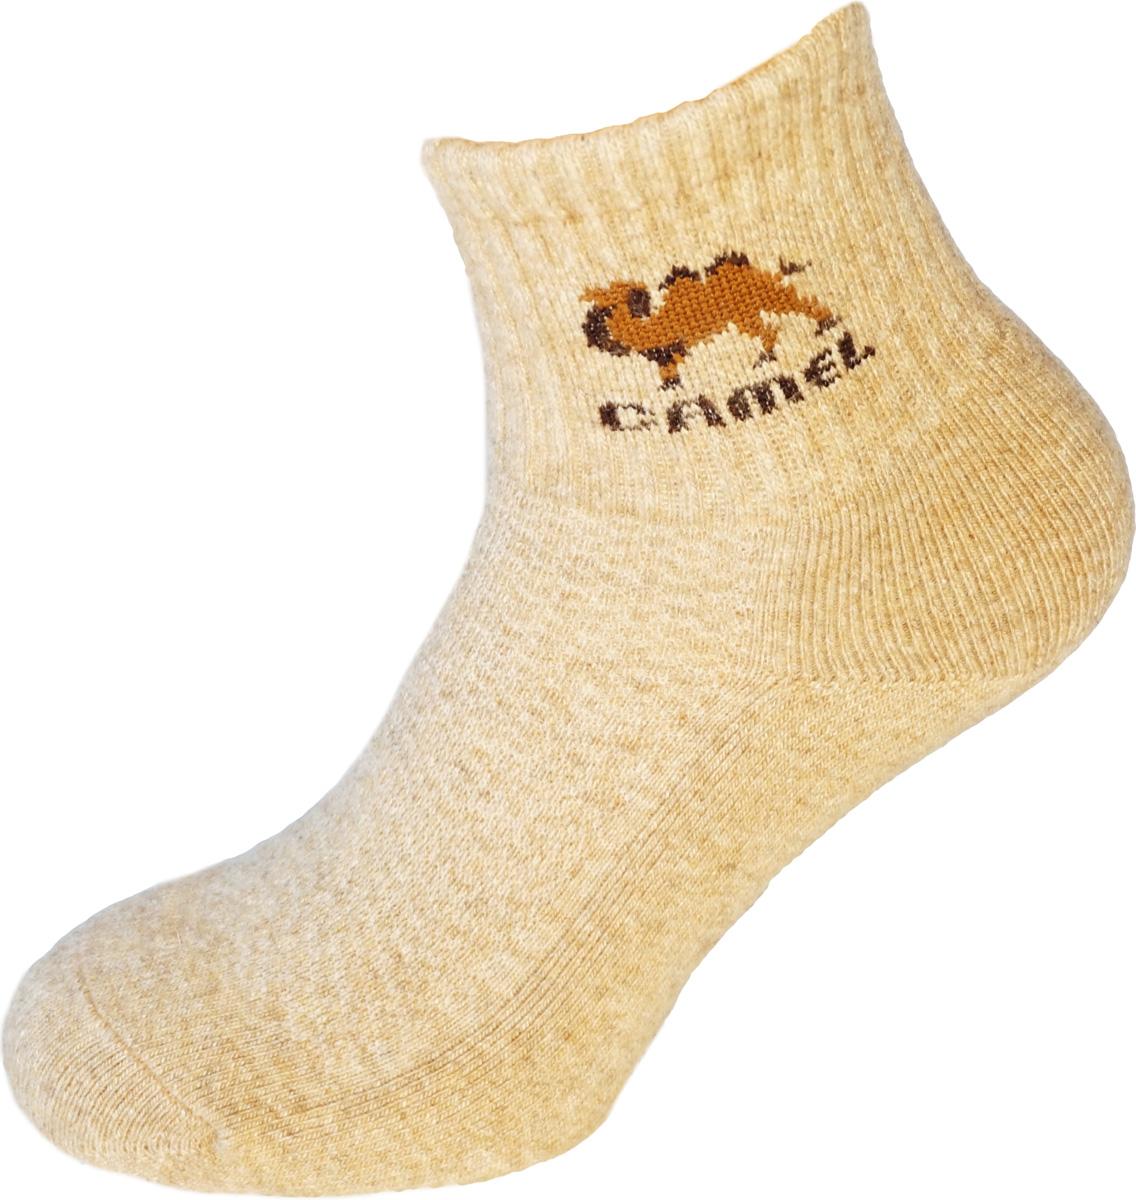 Термоноски BG Camel Wool, цвет: бежевый. 825579_3. Размер 40/42825579_3Термоноски Camel Wool, выполненные из верблюжьей шерсти с добавлением вискозы, обладают высокой гигроскопичностью, препятствуют переохлаждению и перегреву стоп. Подходят для чувствительной кожи, улучшают циркуляцию крови. Отличаются высокой износостойкостью.